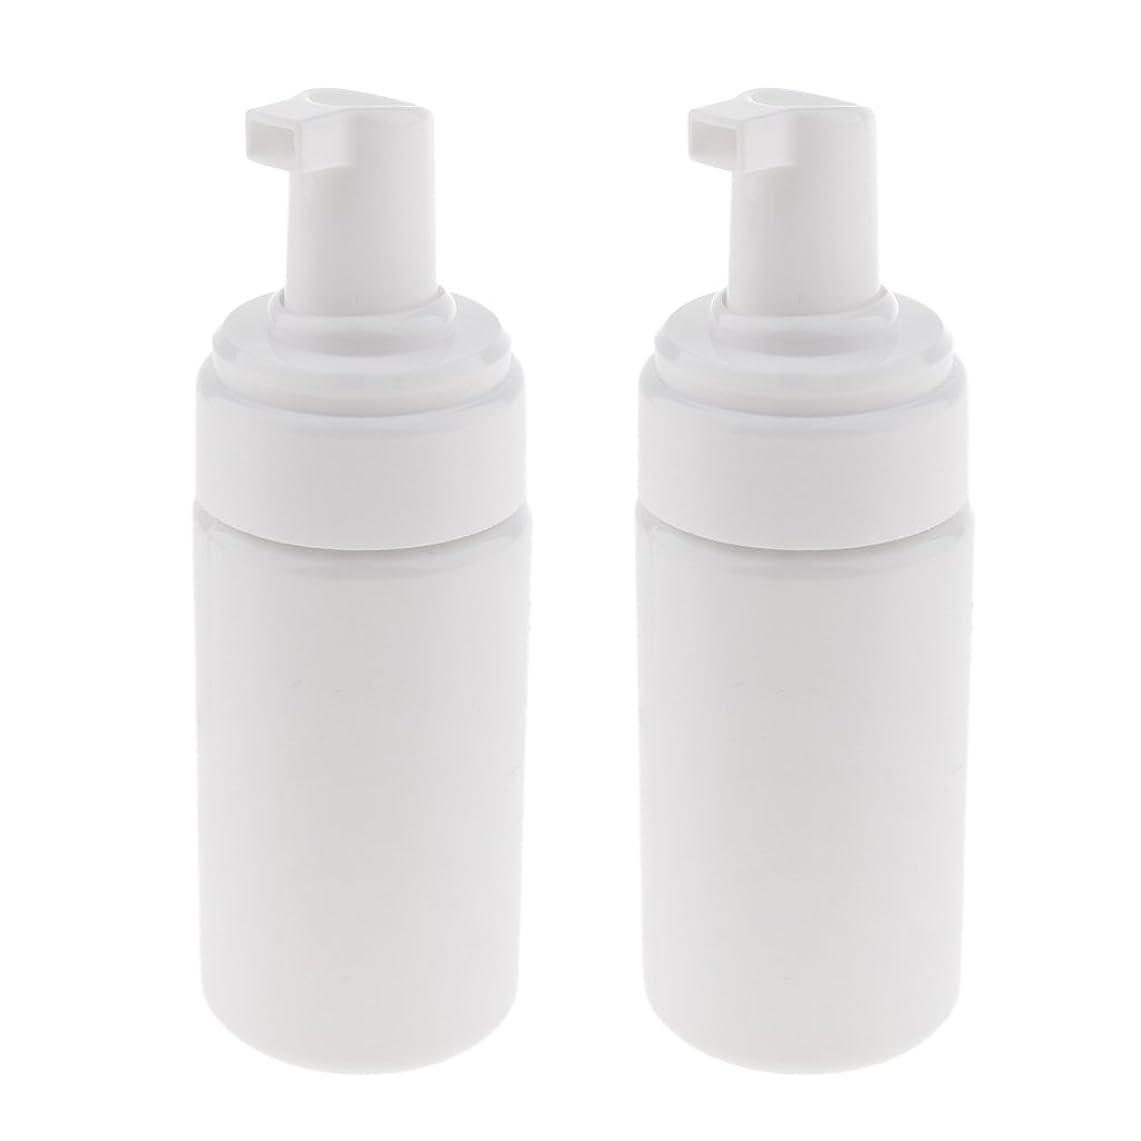 物語終わり追い払うPerfk 2個 フォームボトル ディスペンサー ソープボトル 石鹸ディスペンサー ポンプボトル 100ml 泡立て ボトル 発泡 3色選べる - 白